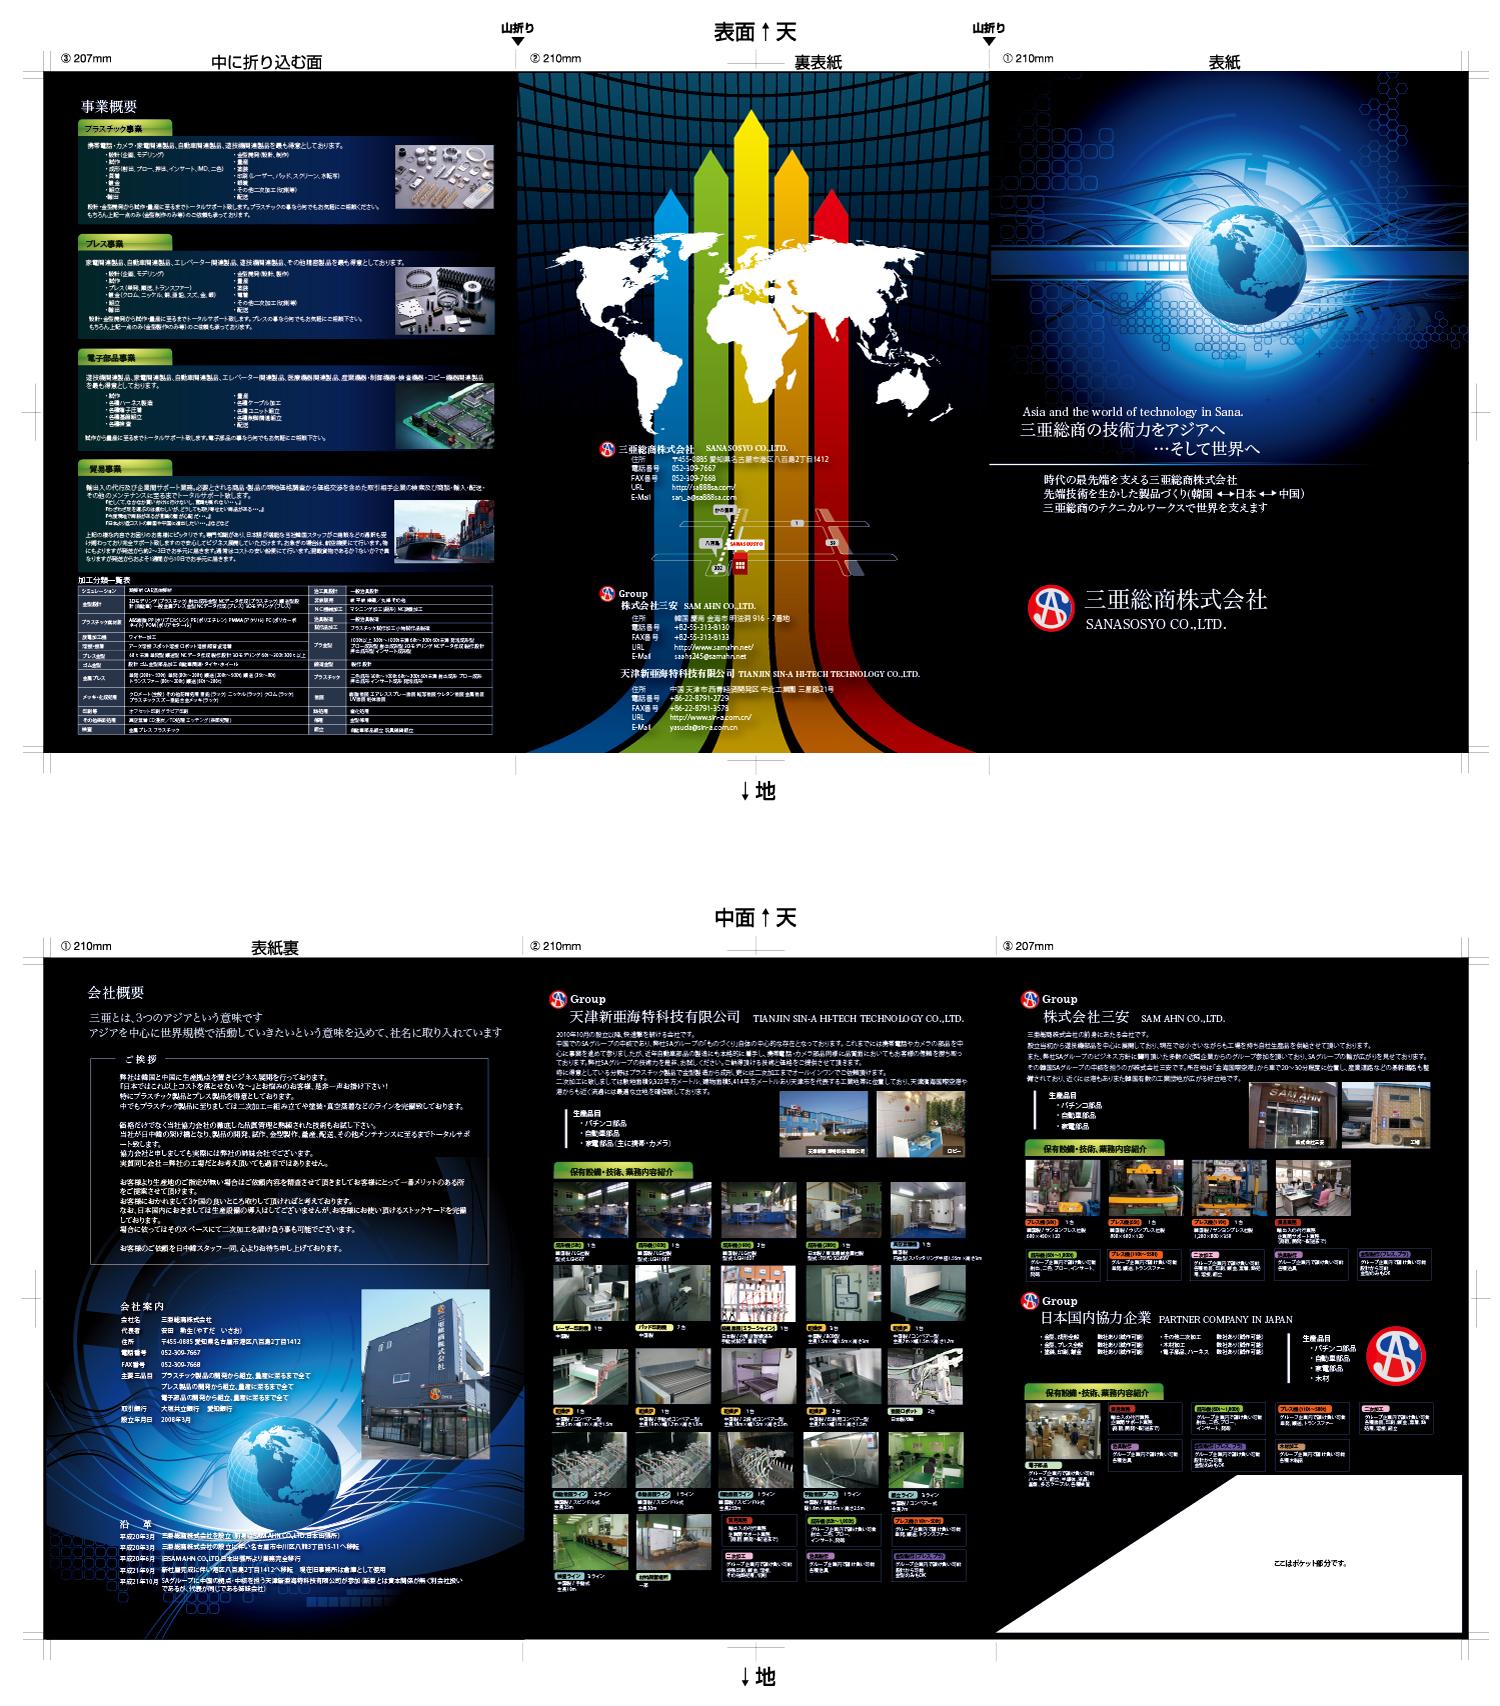 愛知県名古屋市のカタログパンフレット制作DPT OAK 制作実績